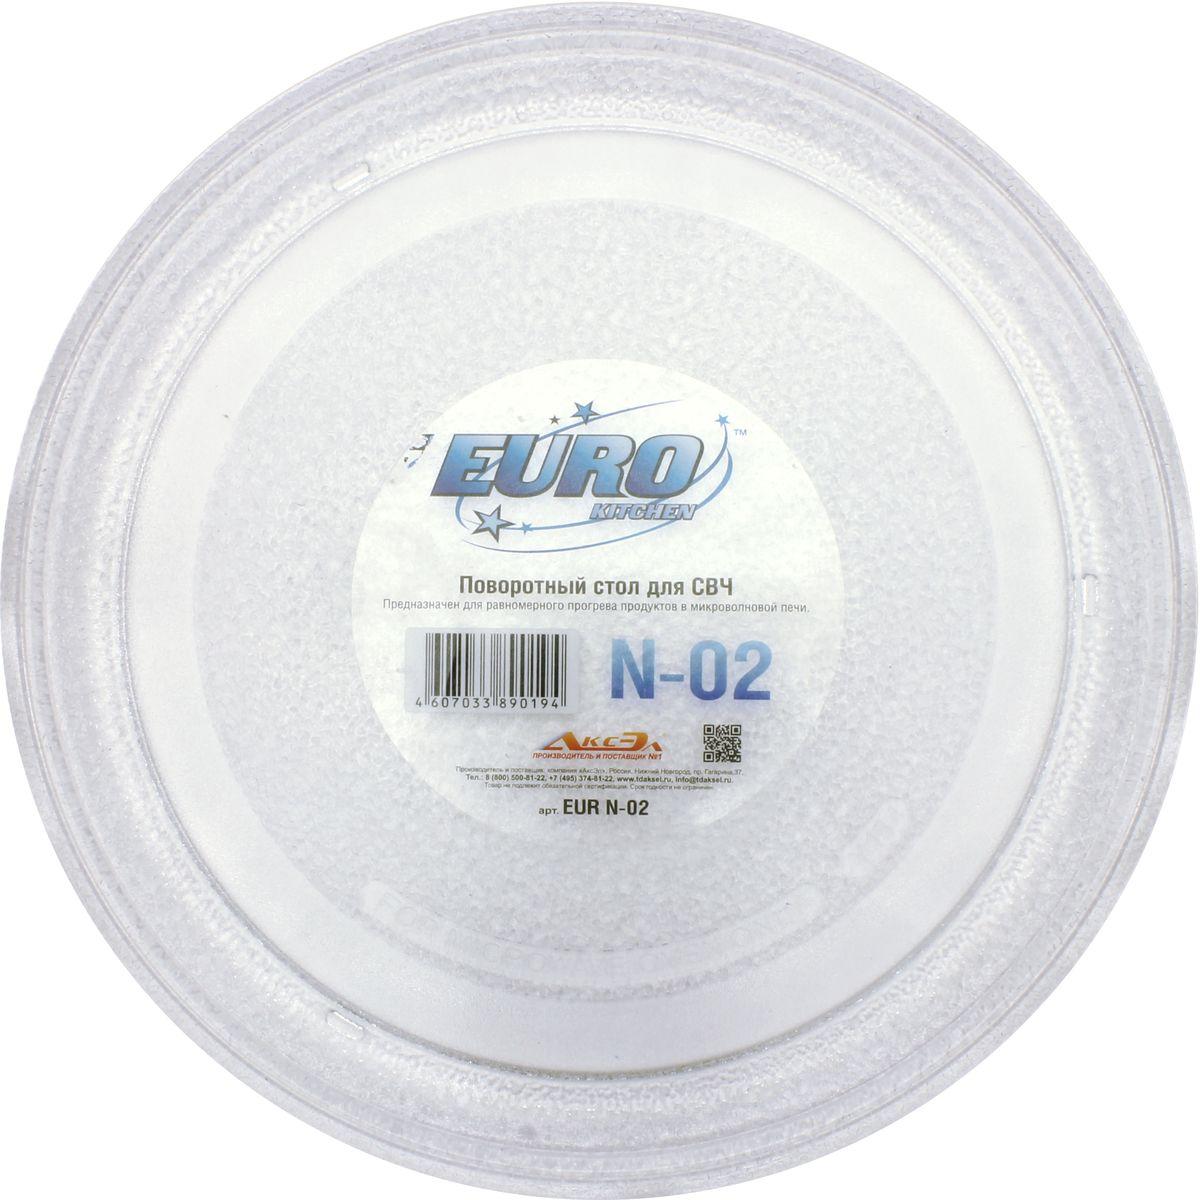 Euro Kitchen N-02 тарелка для СВЧ